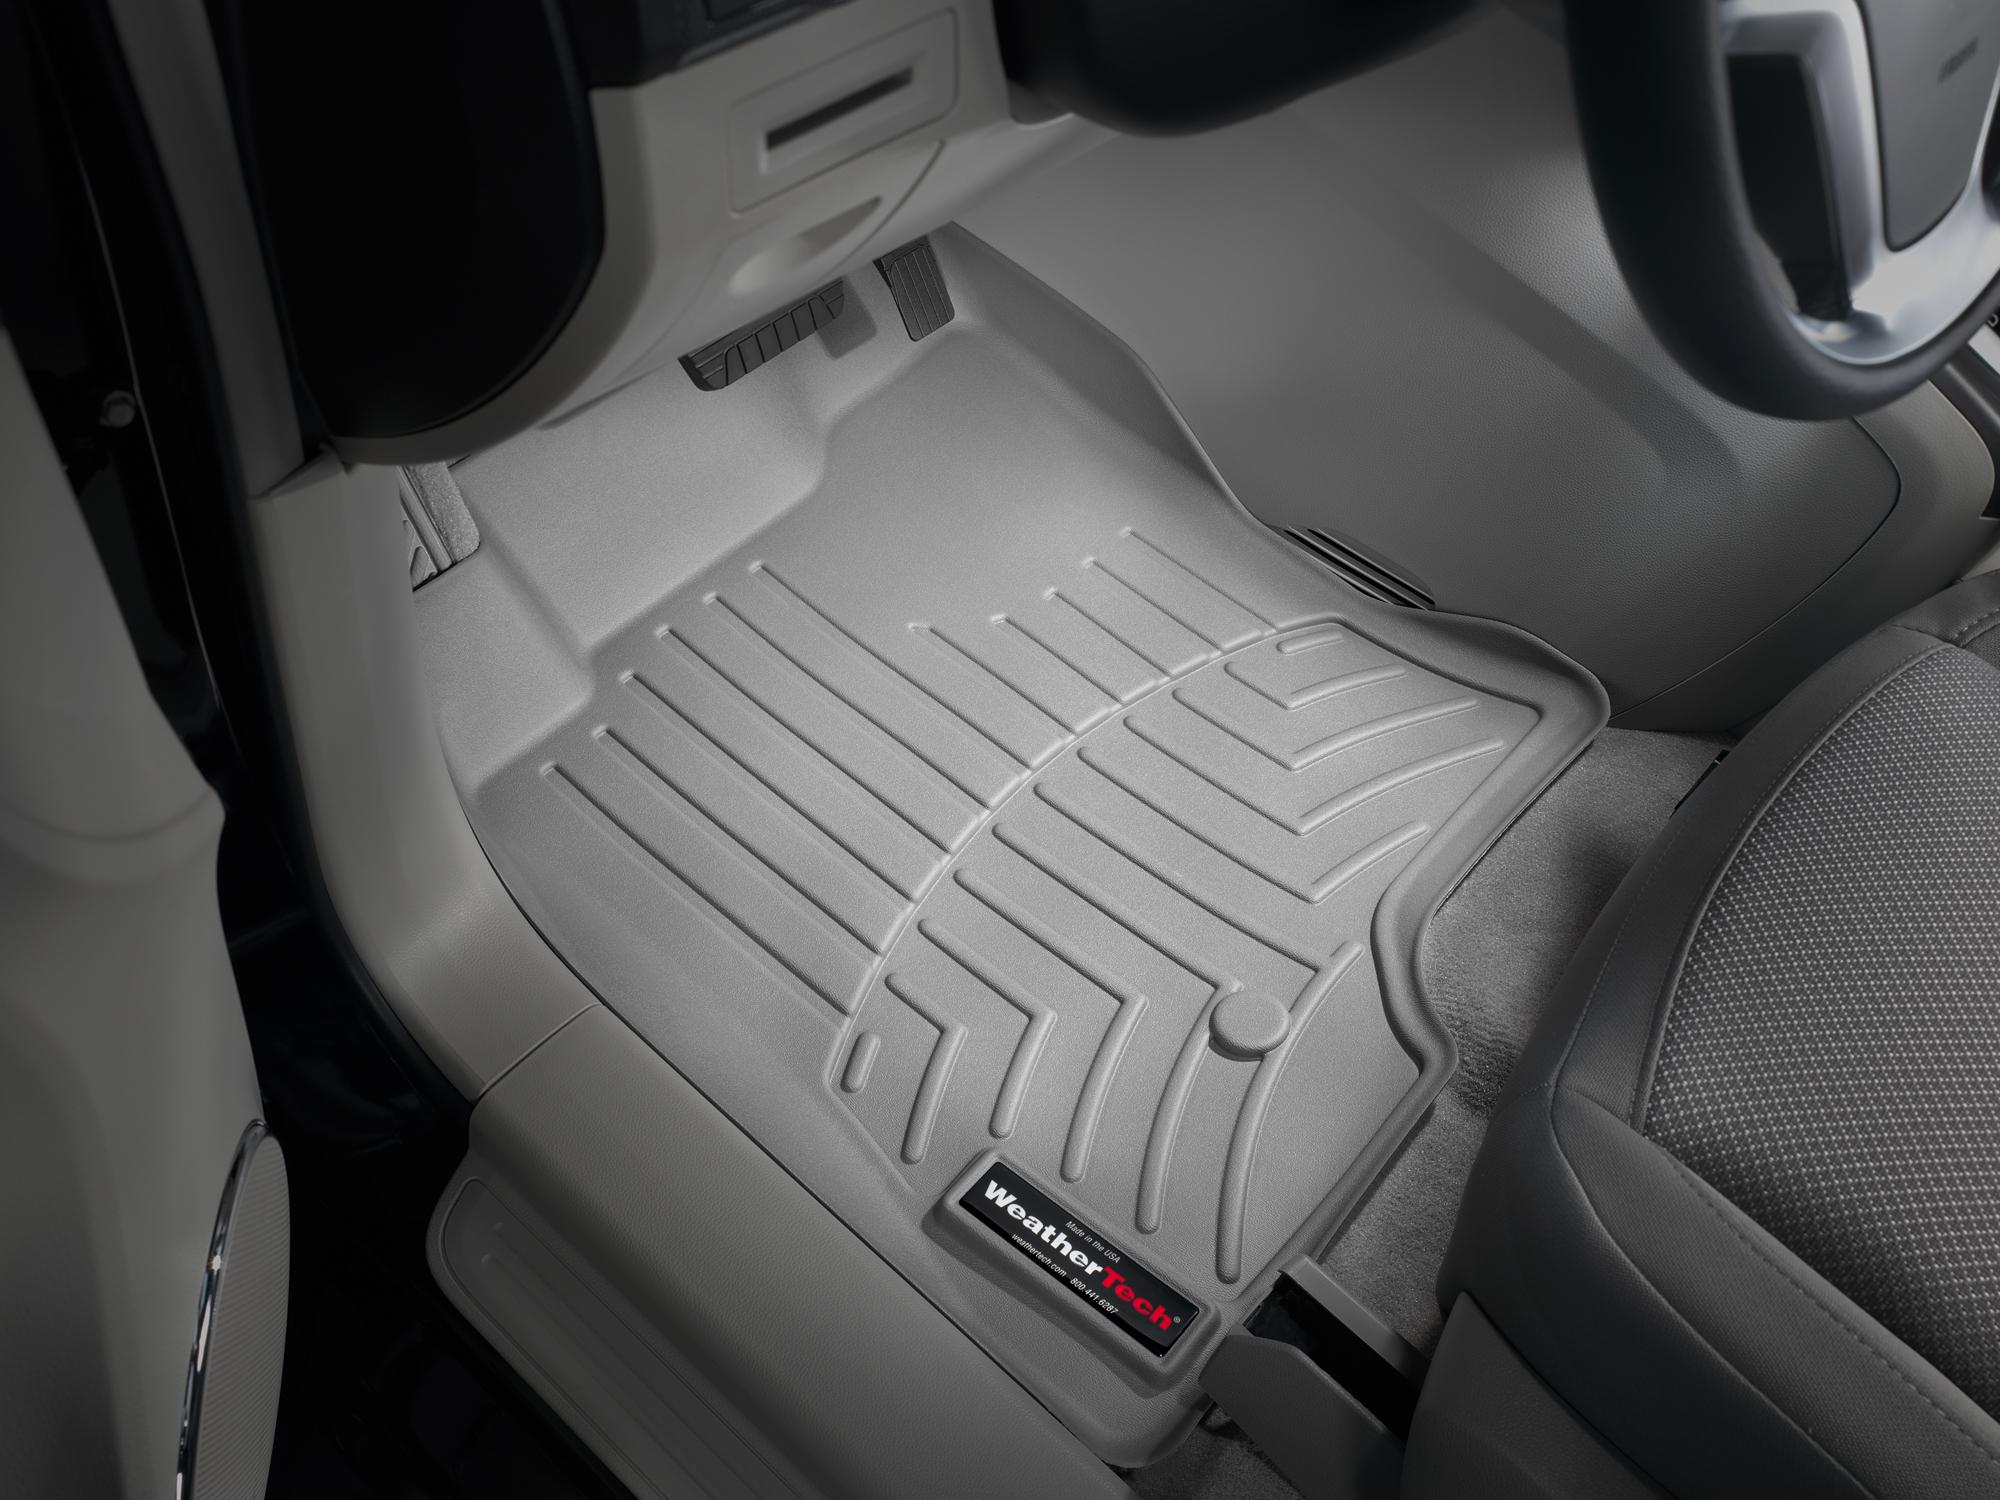 Tappeti gomma su misura bordo alto Chevrolet Captiva 06>11 Grigio A105*